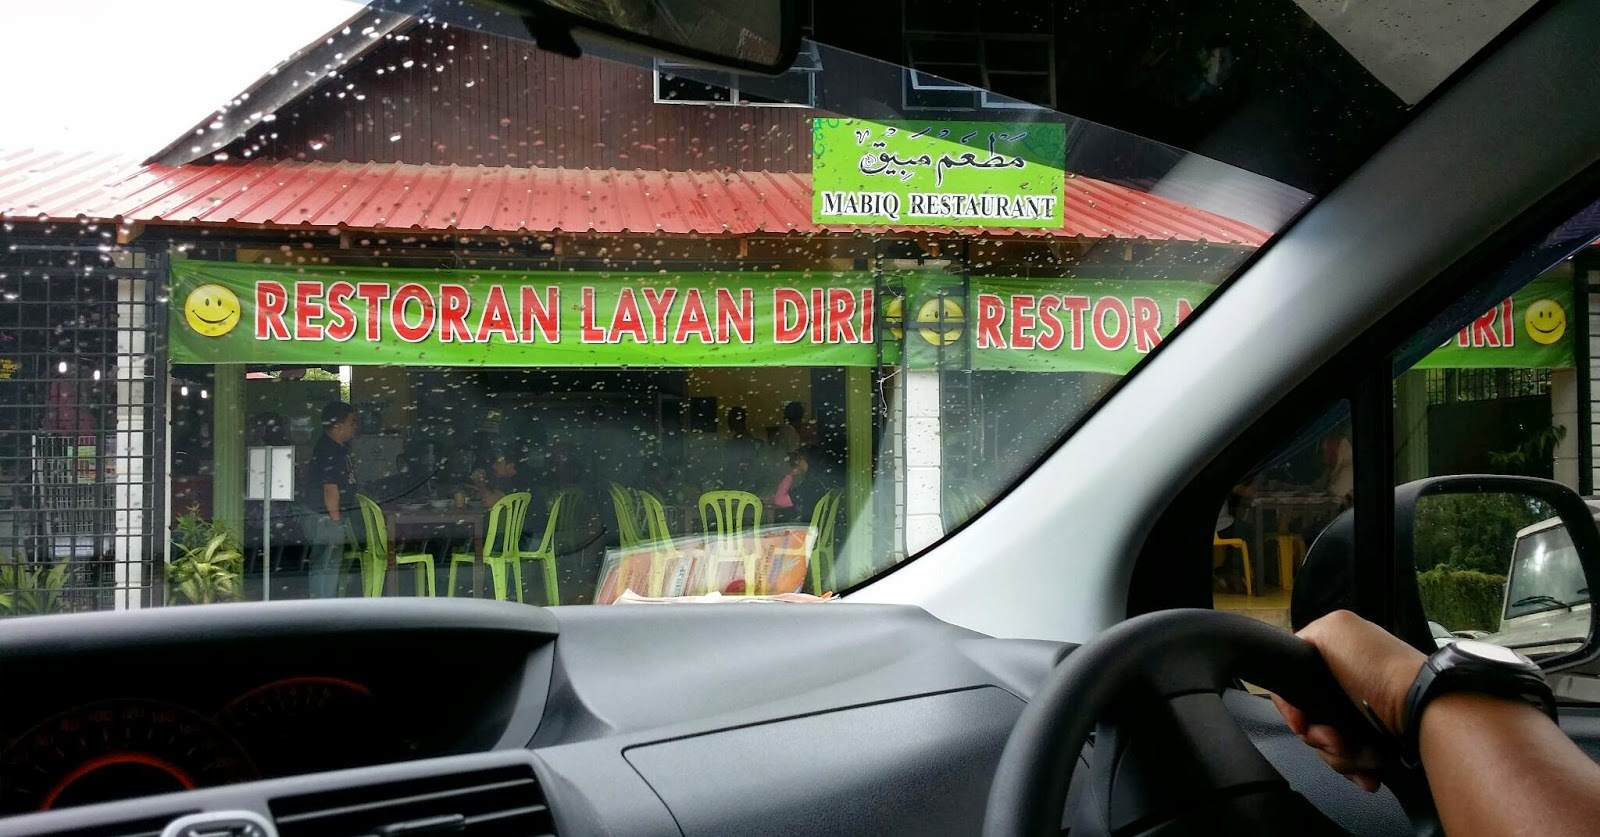 restoran mabiq